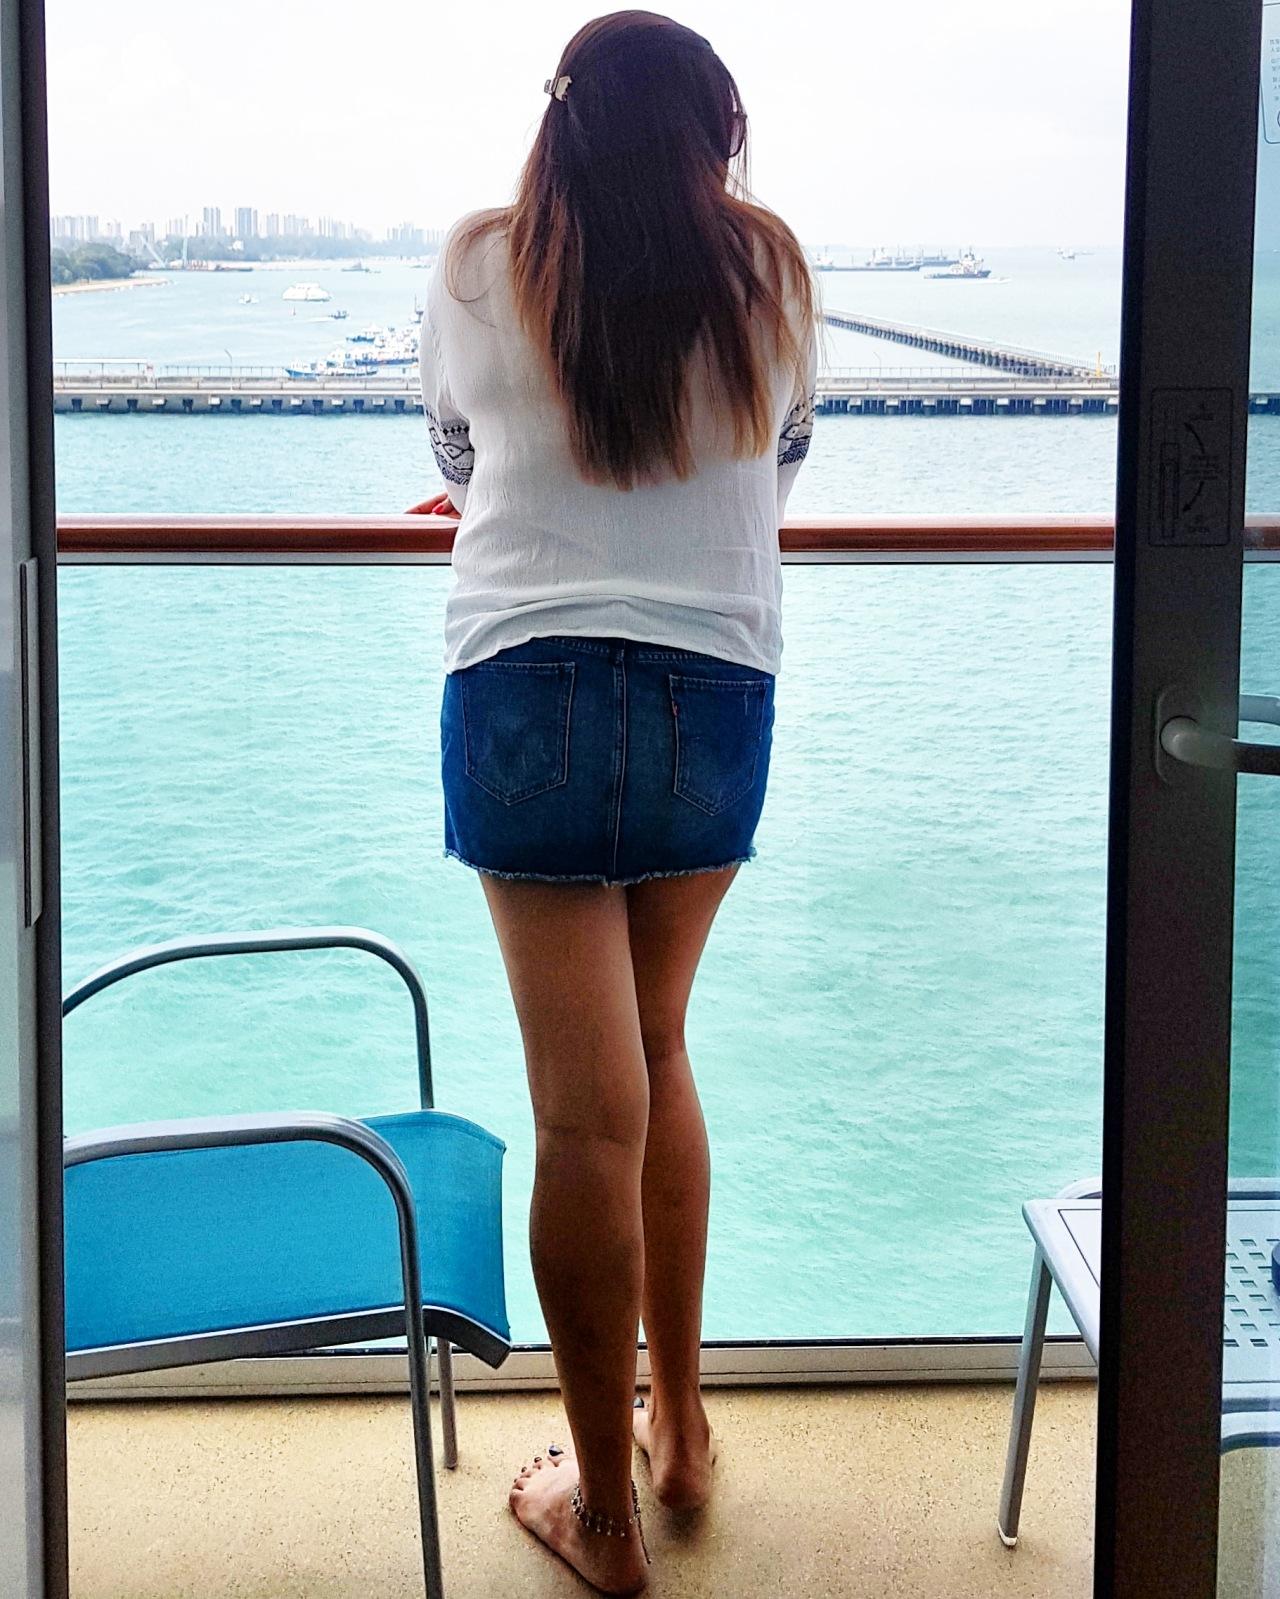 Cruise! SG-Surabaya-Bali-SG